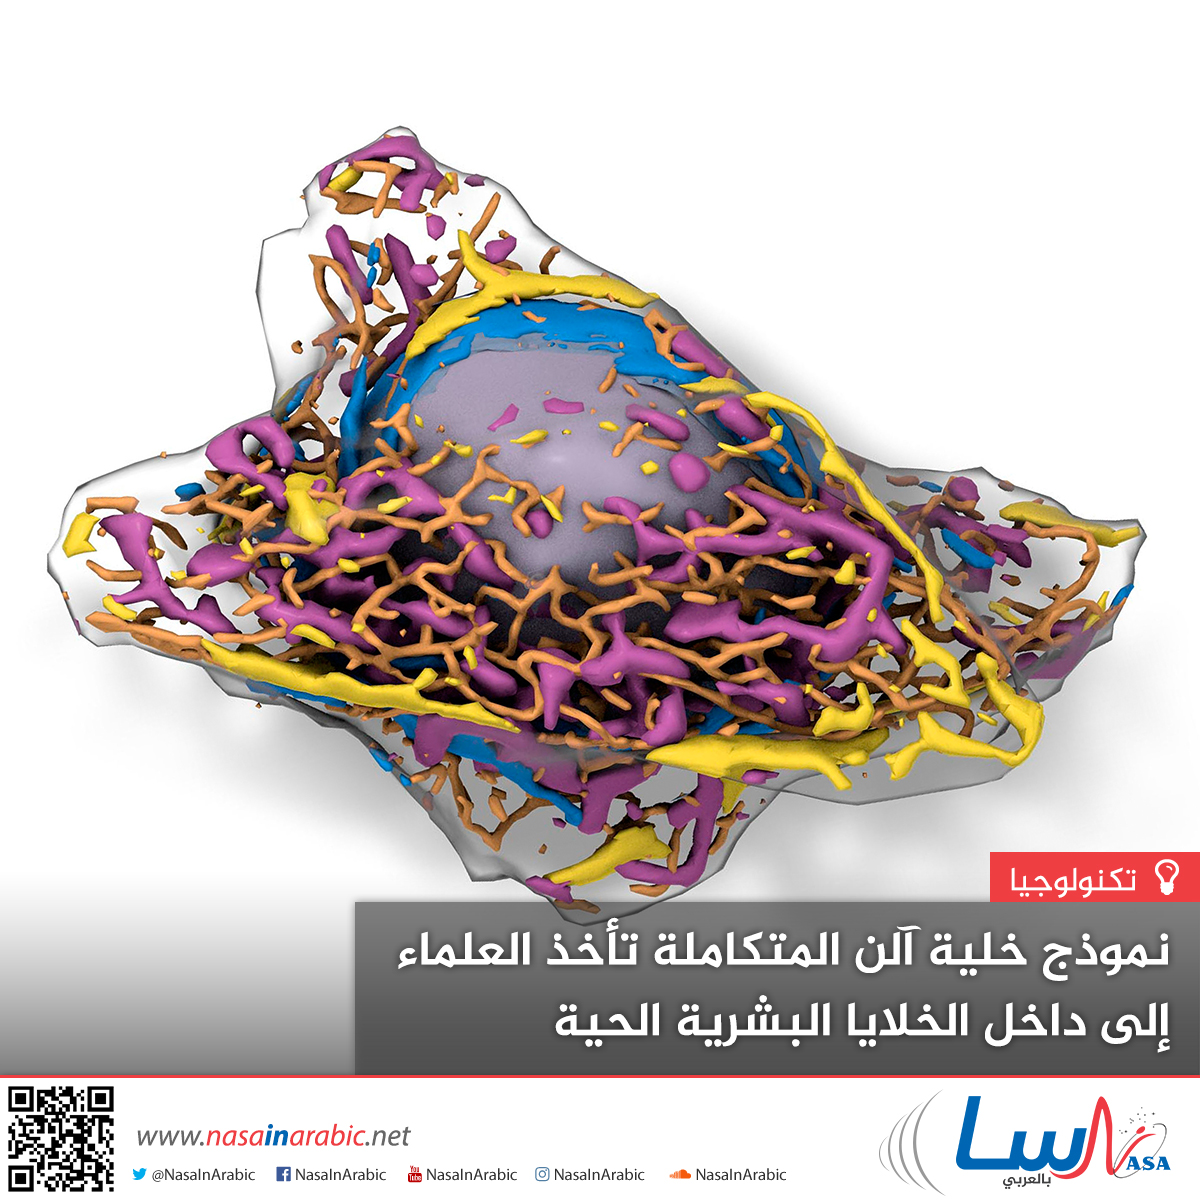 نموذج خلية آلن المتكاملة تأخذ العلماء إلى داخل الخلايا البشرية الحية